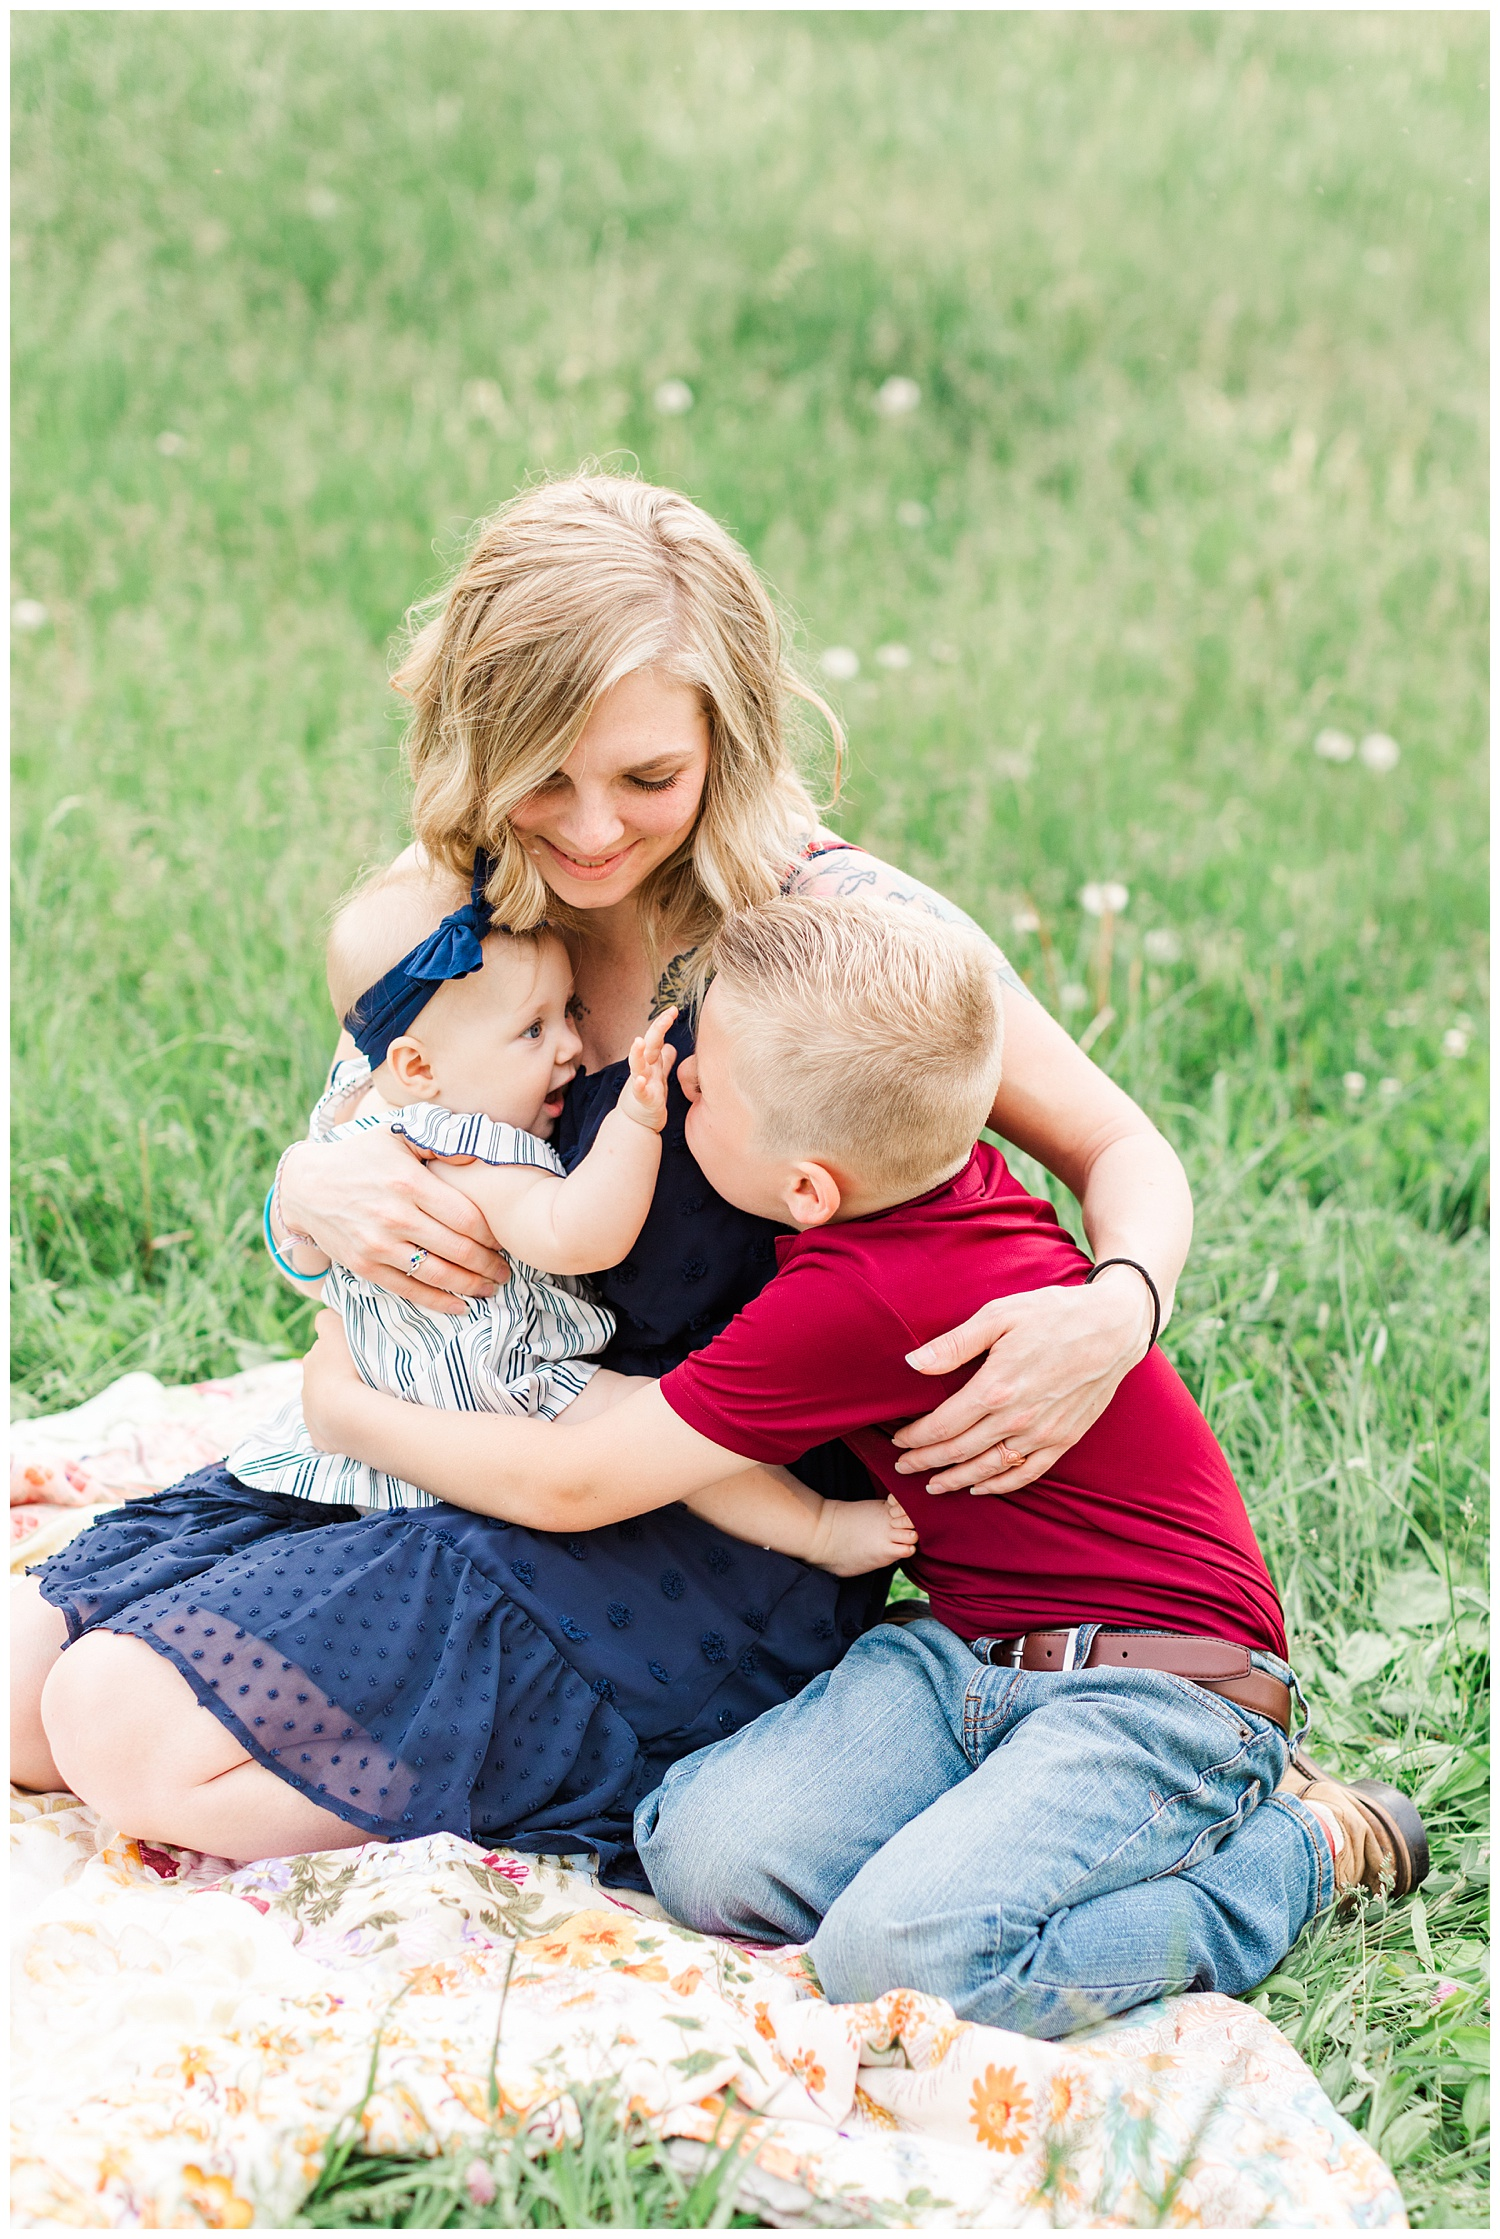 Mama embraces her two children in a grassy pasture in Iowa | CB Studio